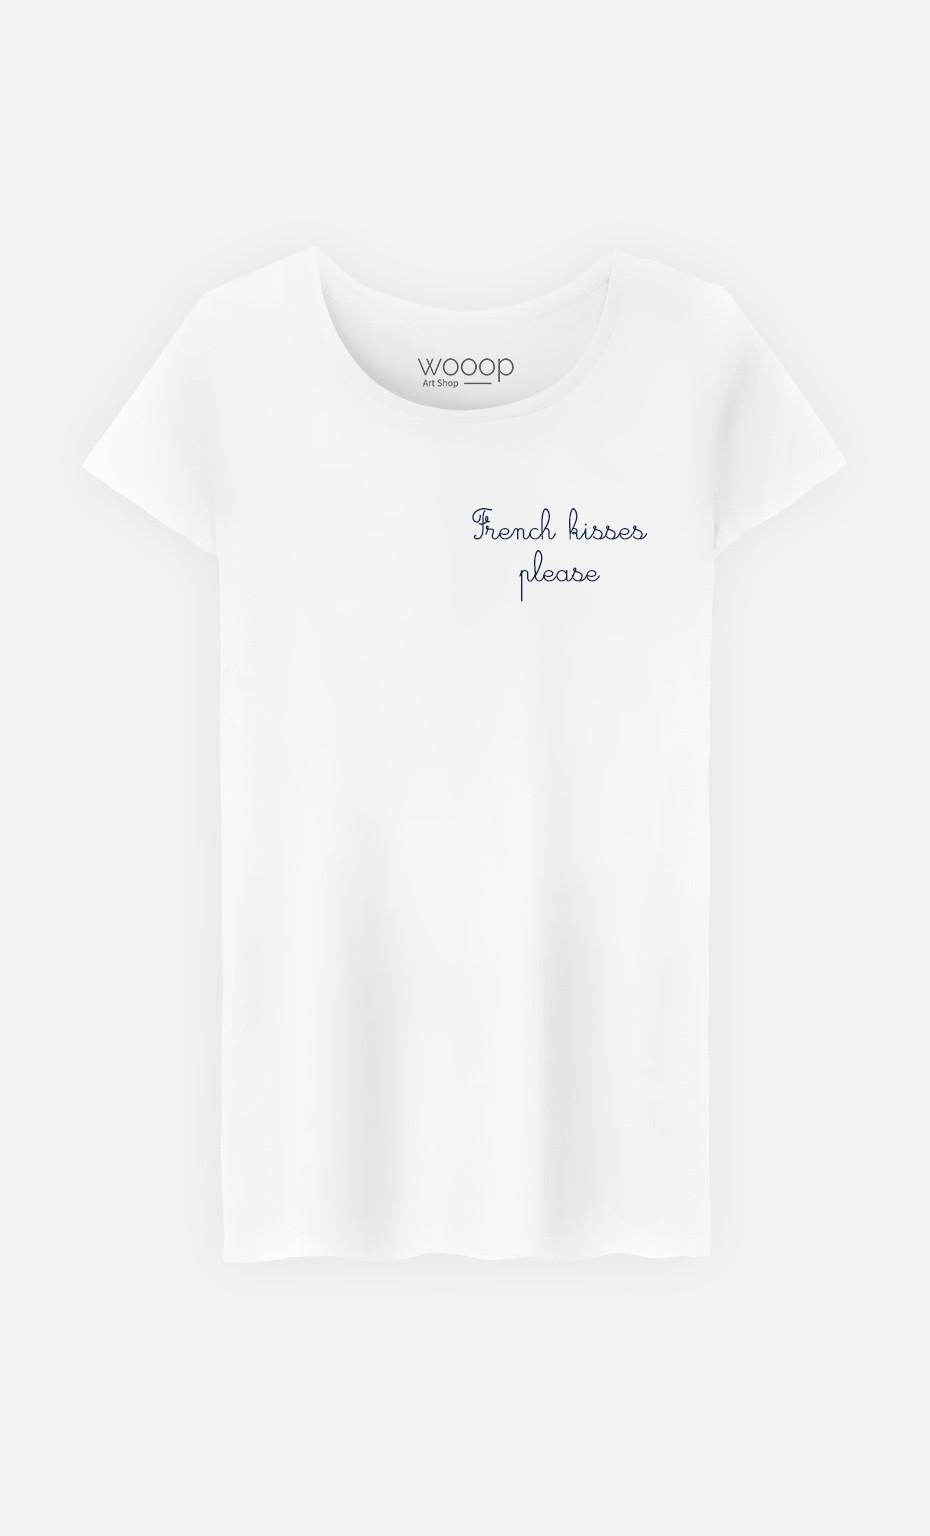 T-Shirt Femme French Kisses Please - Brodé